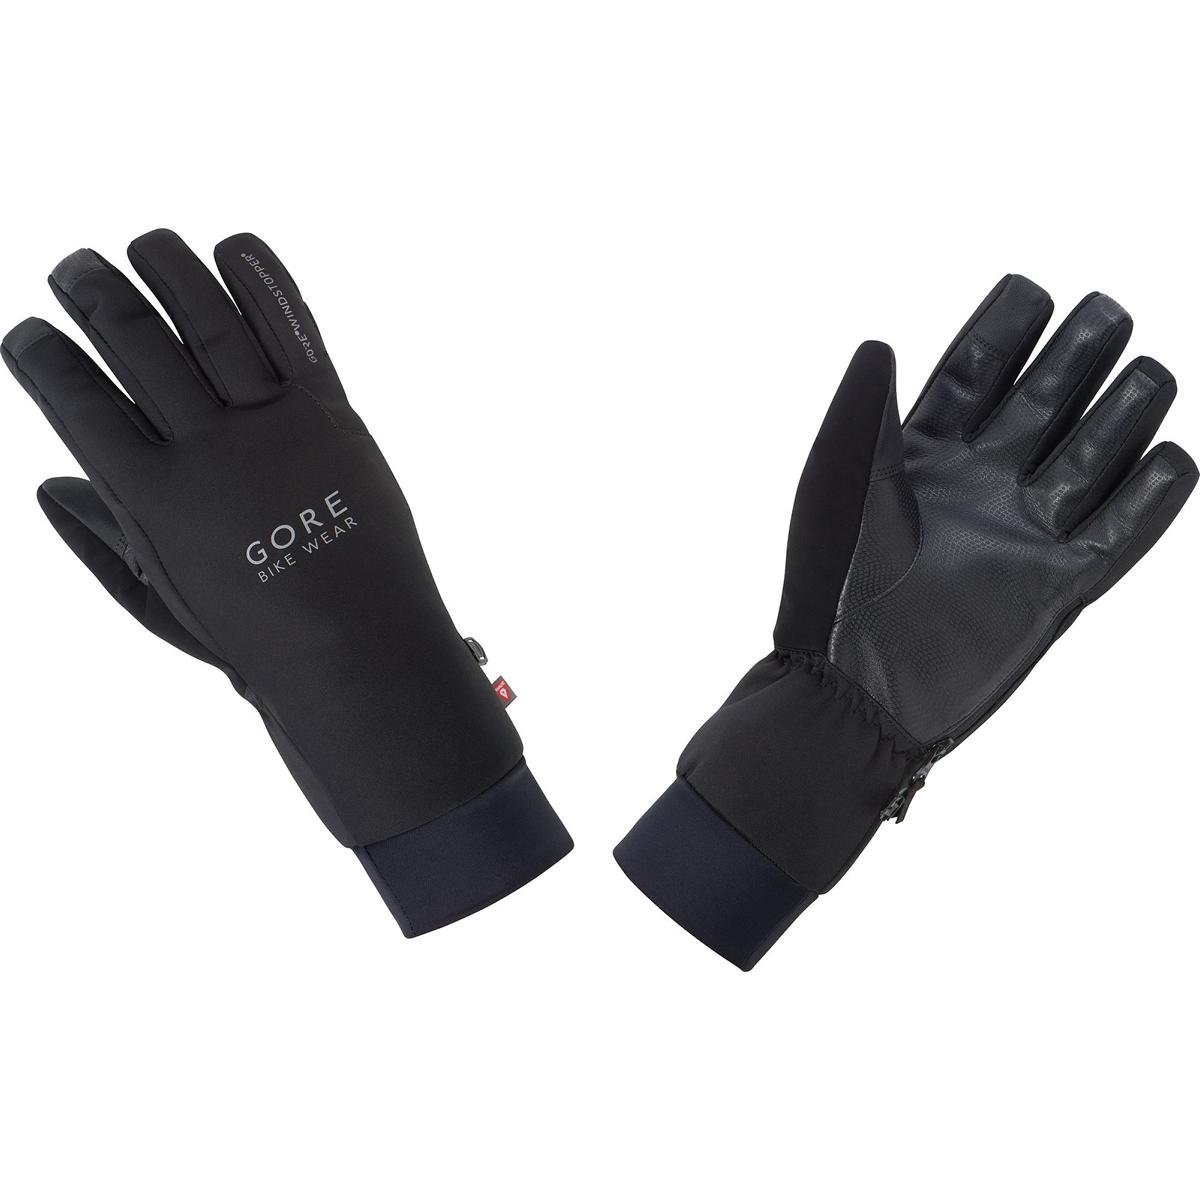 GORE WEAR Handschuhe Universal Windstopper Gloves